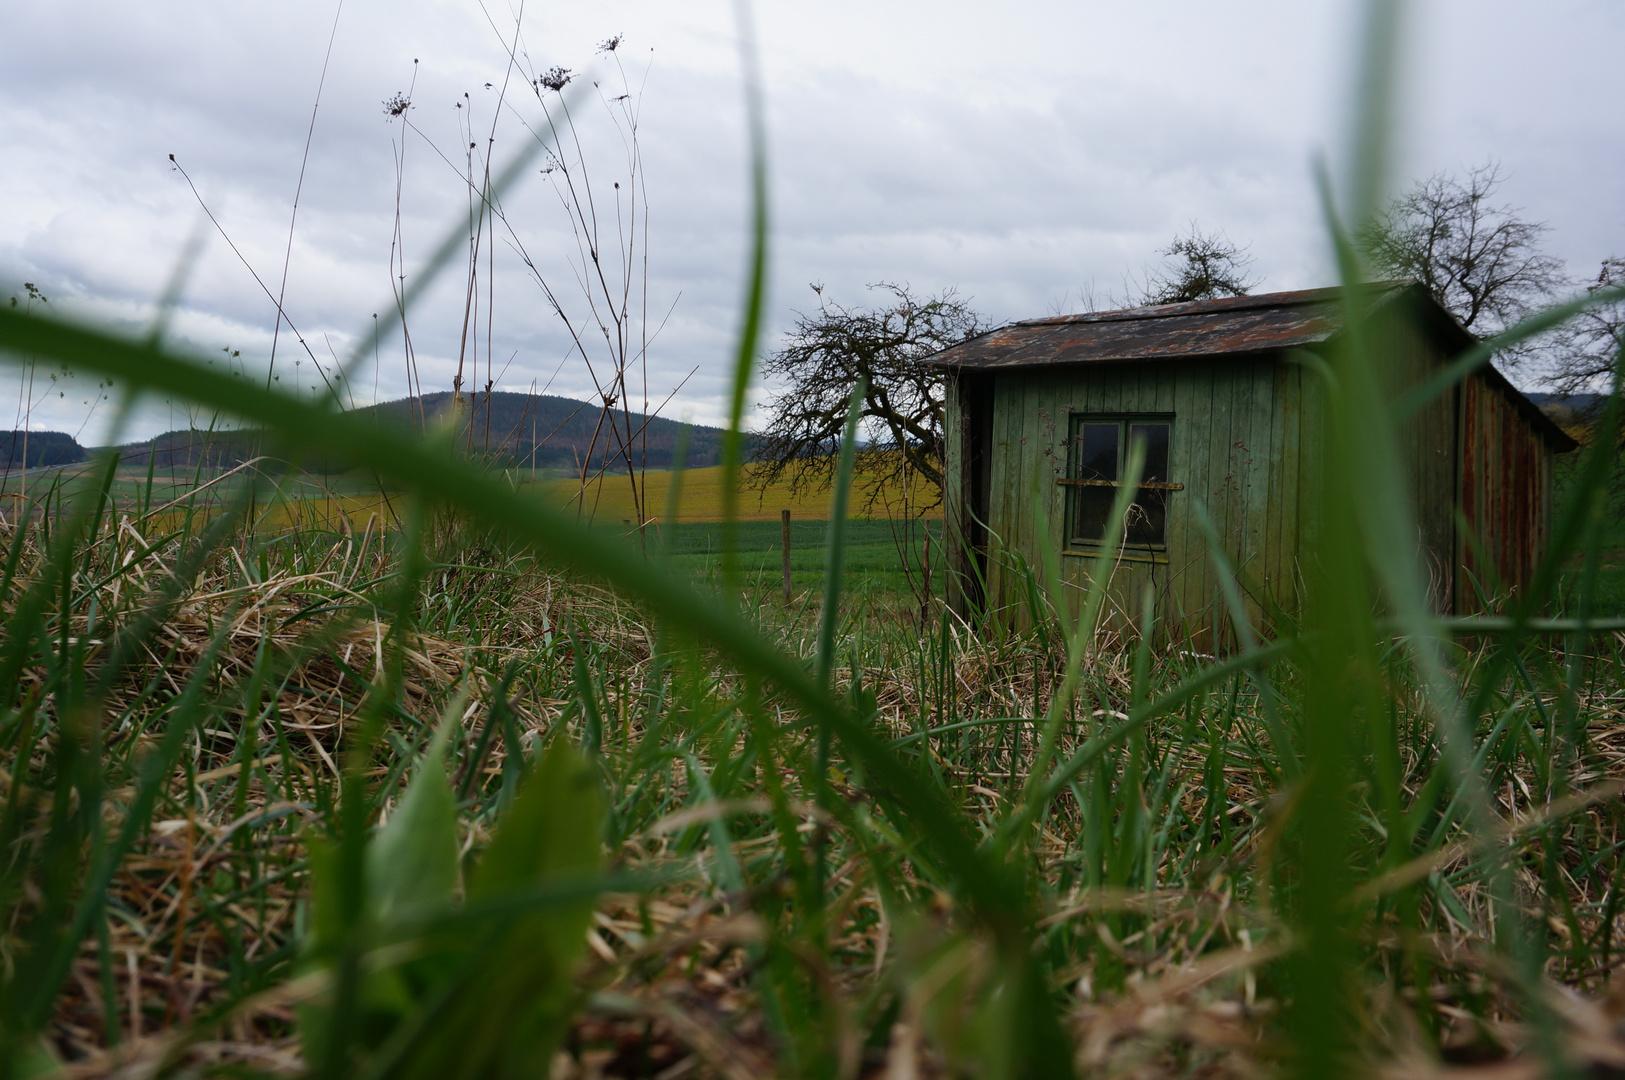 Hütte im Gras